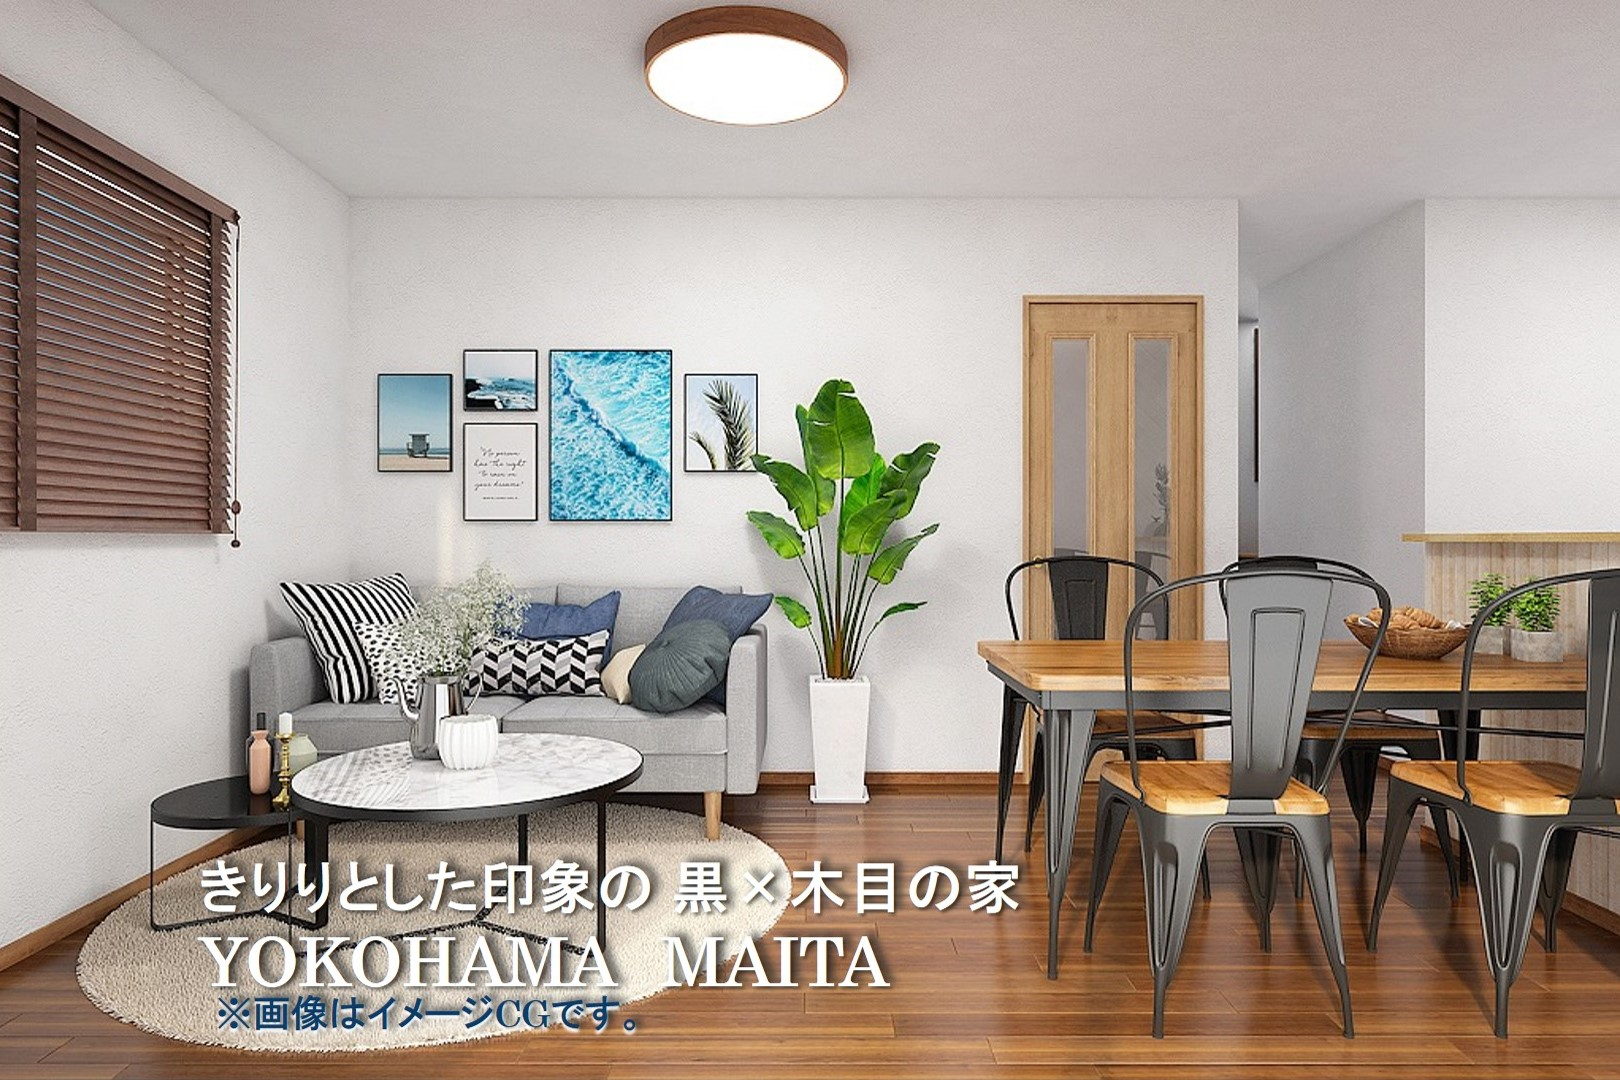 きりりとした印象の 黒×木目の家 蒔田 YOKOHAMA MAITA